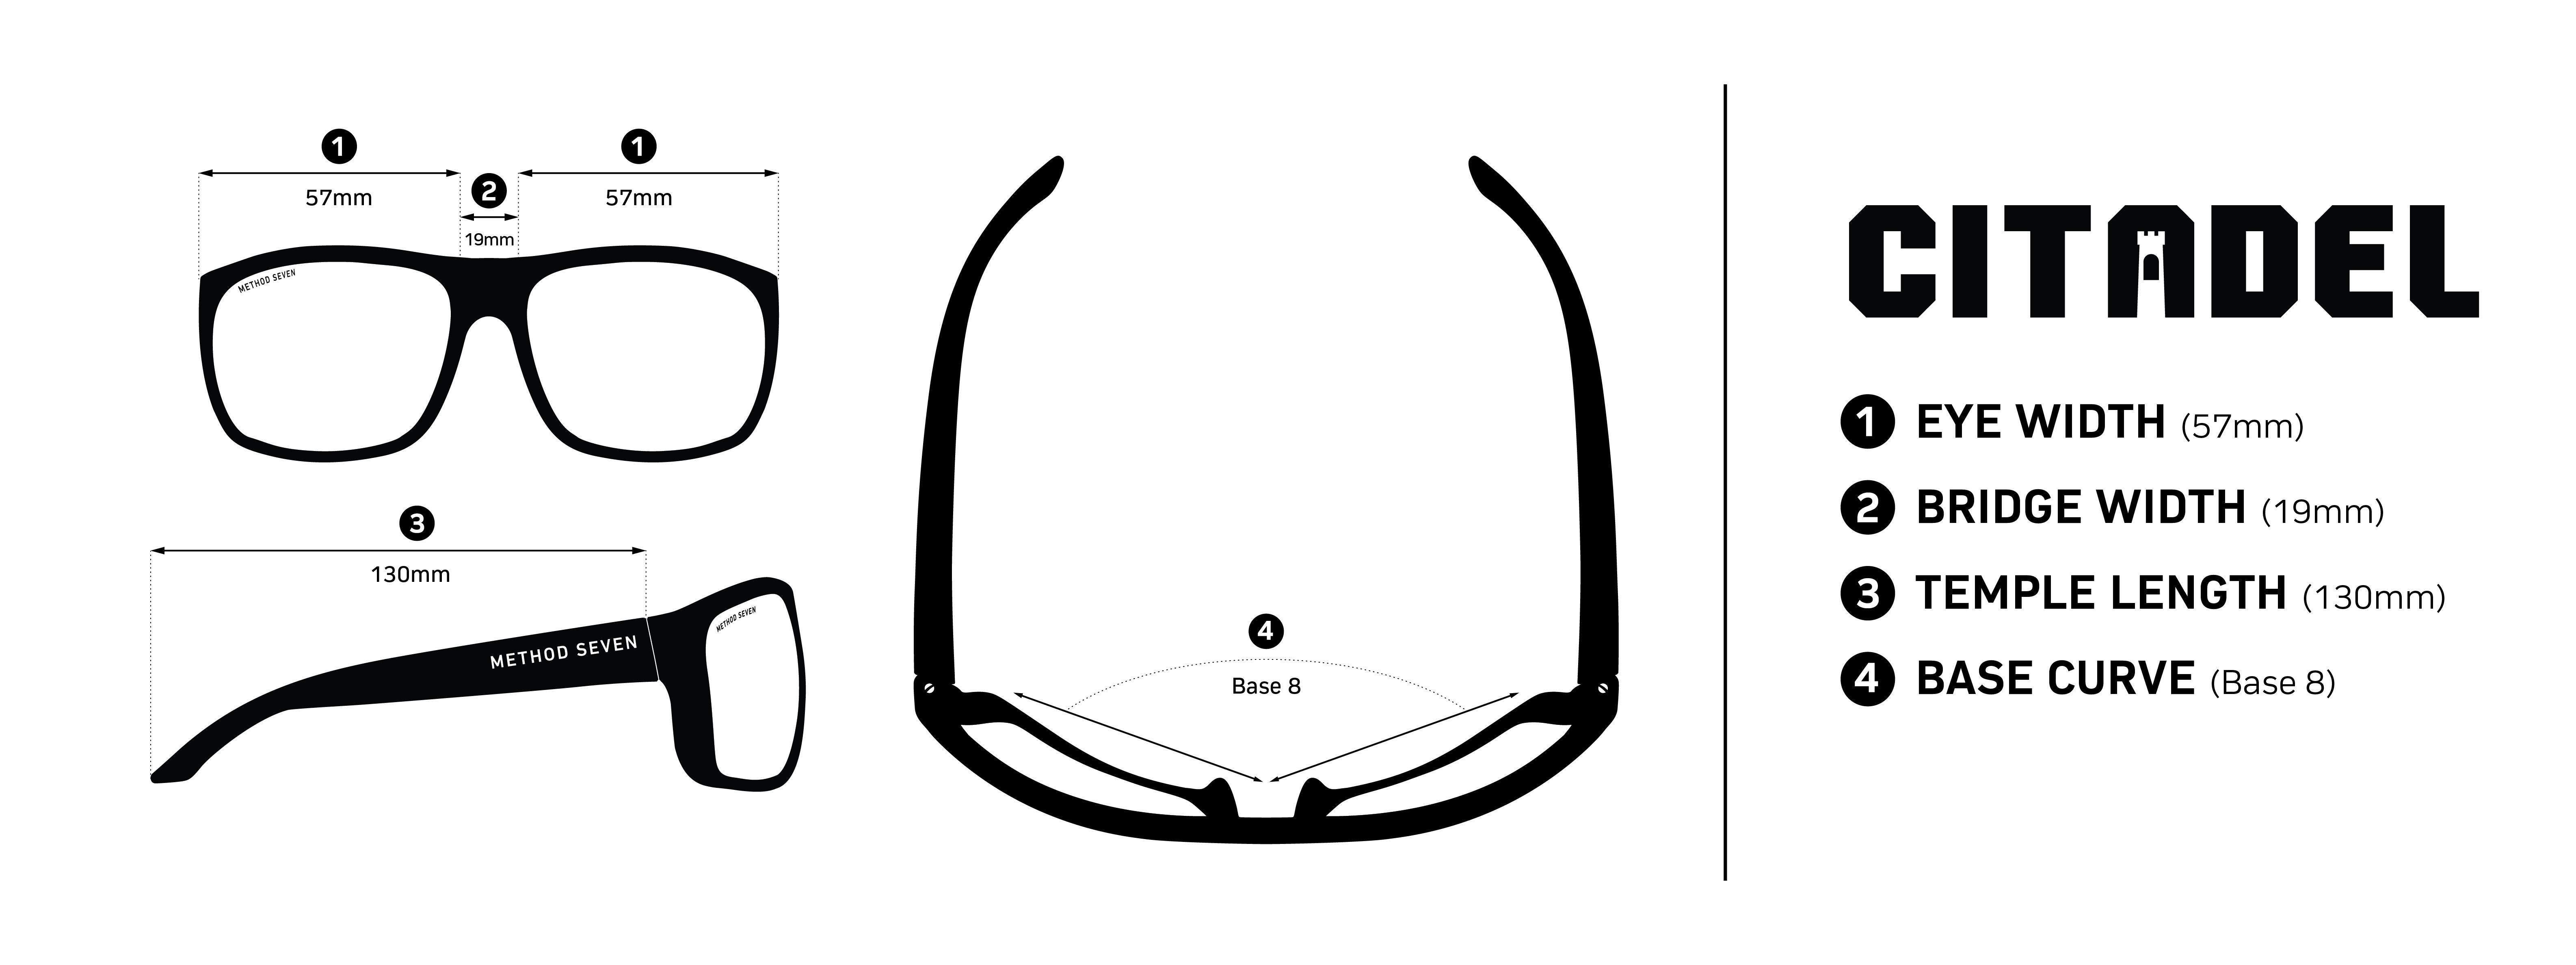 0008-frame-illustrations-phase-3-r5-v1-citadel.jpg